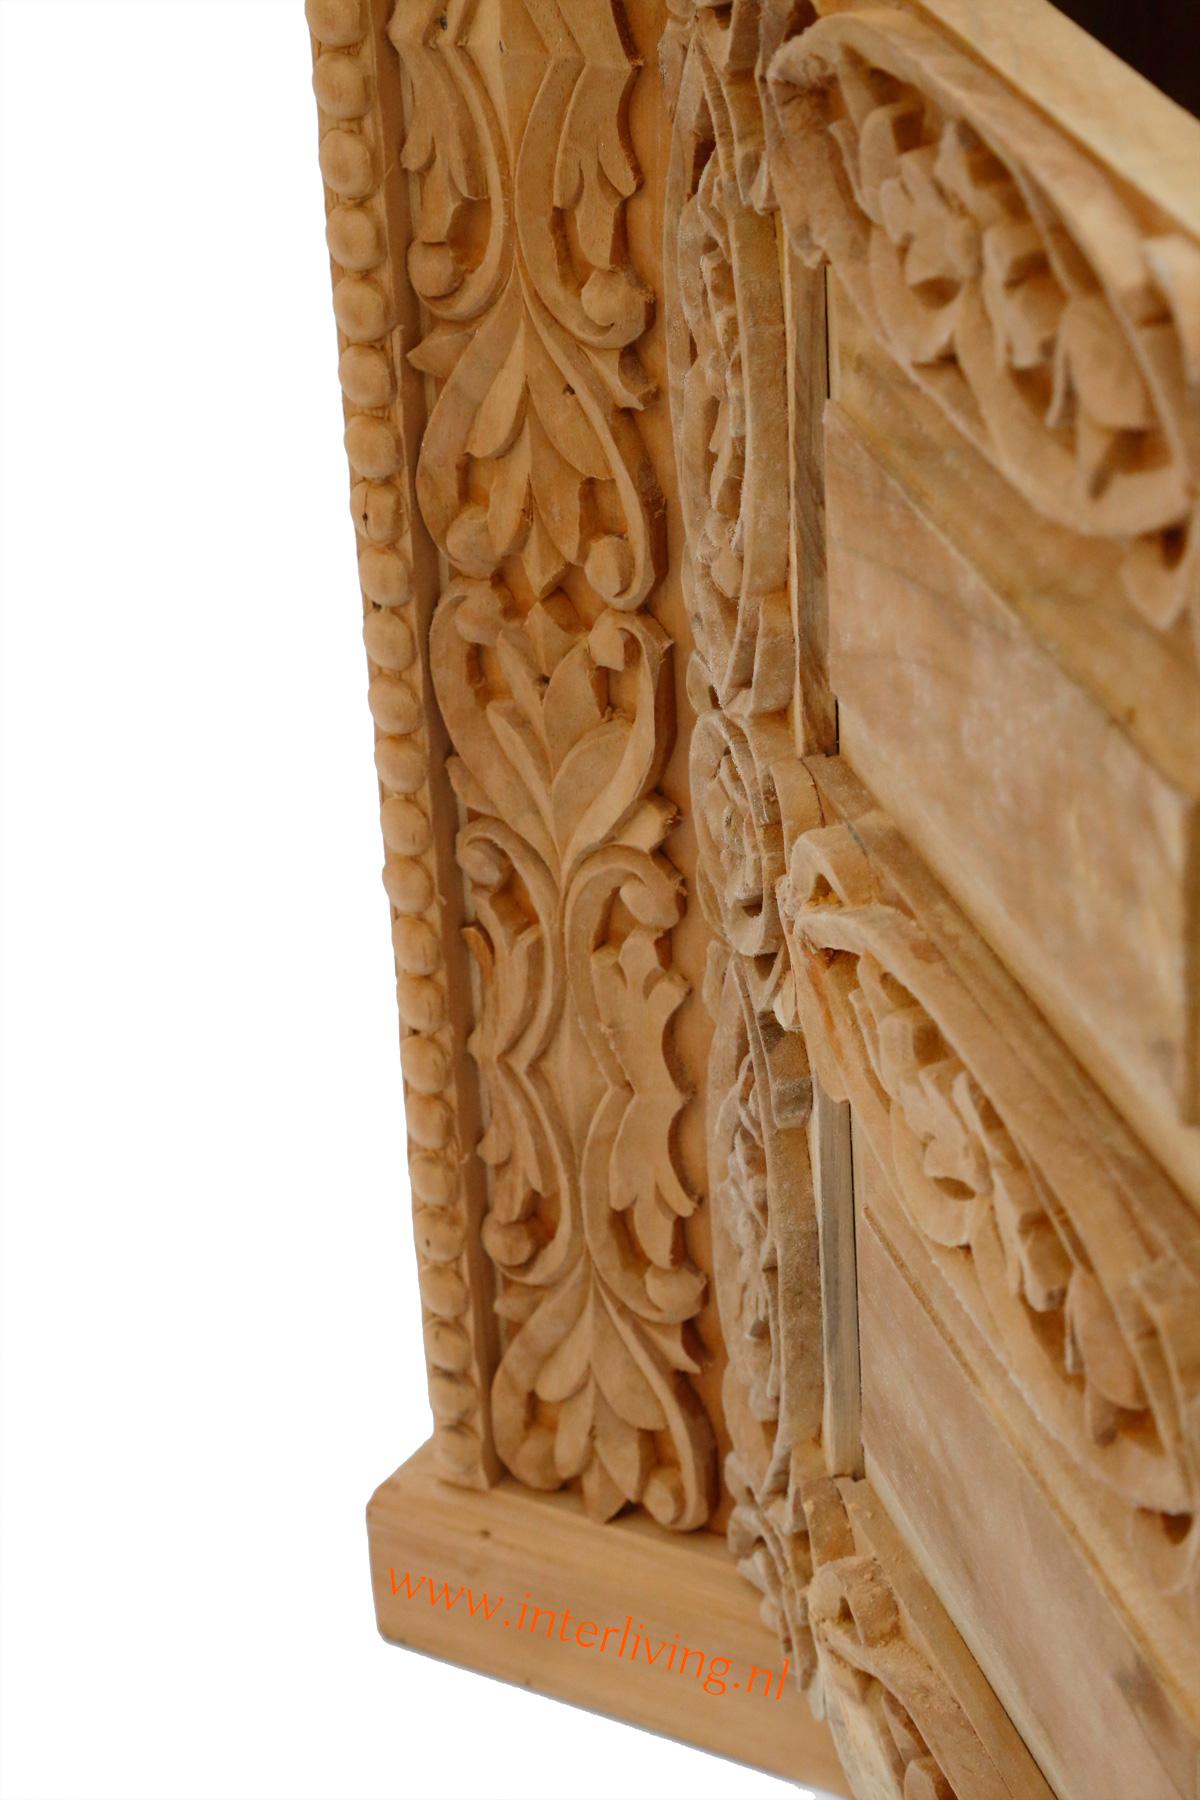 handgemaakte naturel teakhouten tvkast met houtsnijwerk